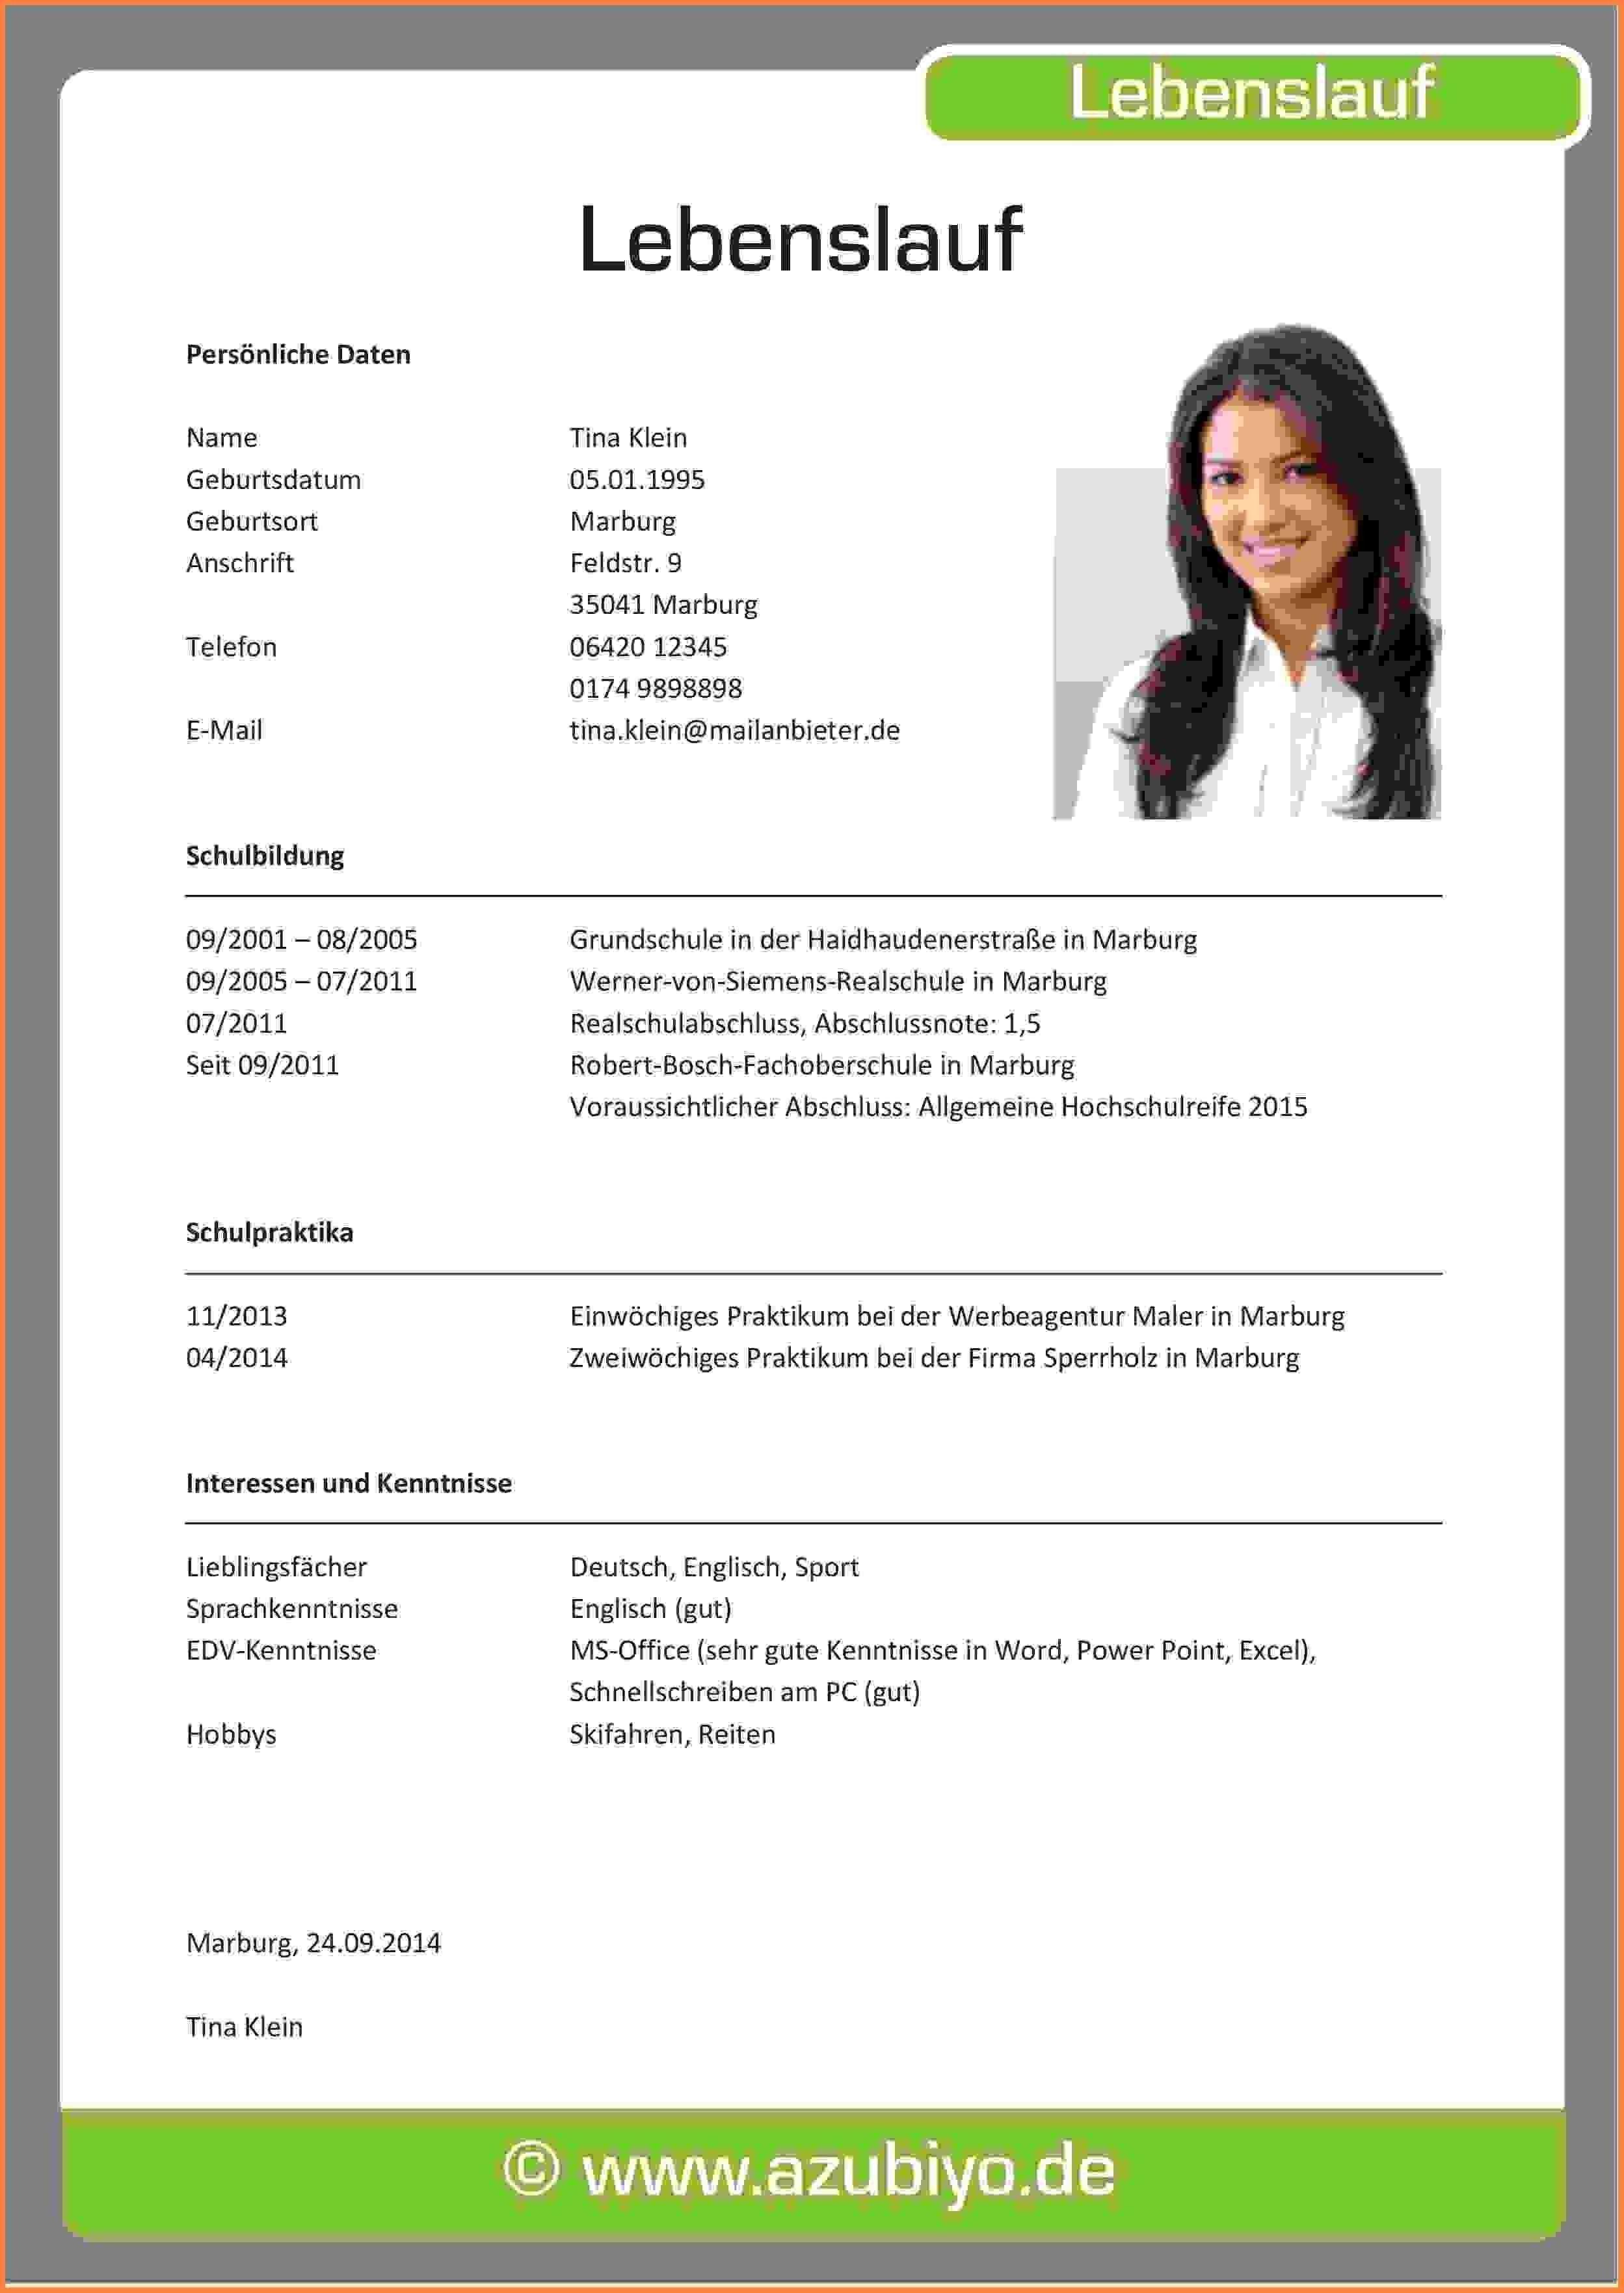 Frisch Der Perfekte Lebenslauf 2015 Briefprobe Briefformat Briefvorlage Vorlagen Lebenslauf Lebenslauf Lebenslauf Muster